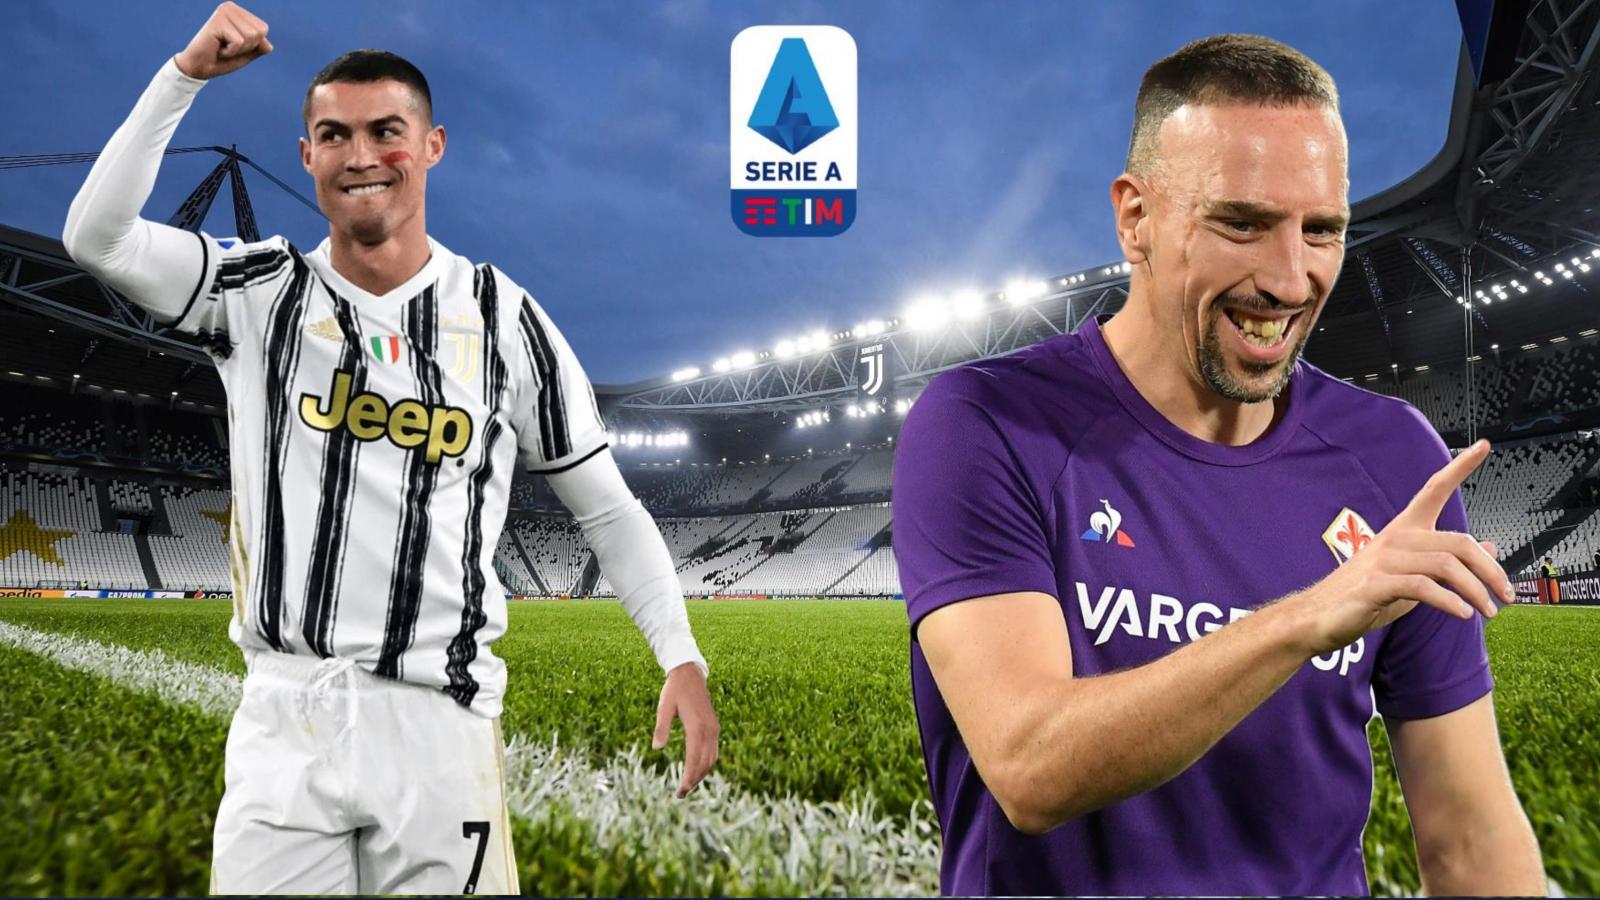 Dự đoán kết quả, đội hình xuất phát trận Juventus - Fiorentina